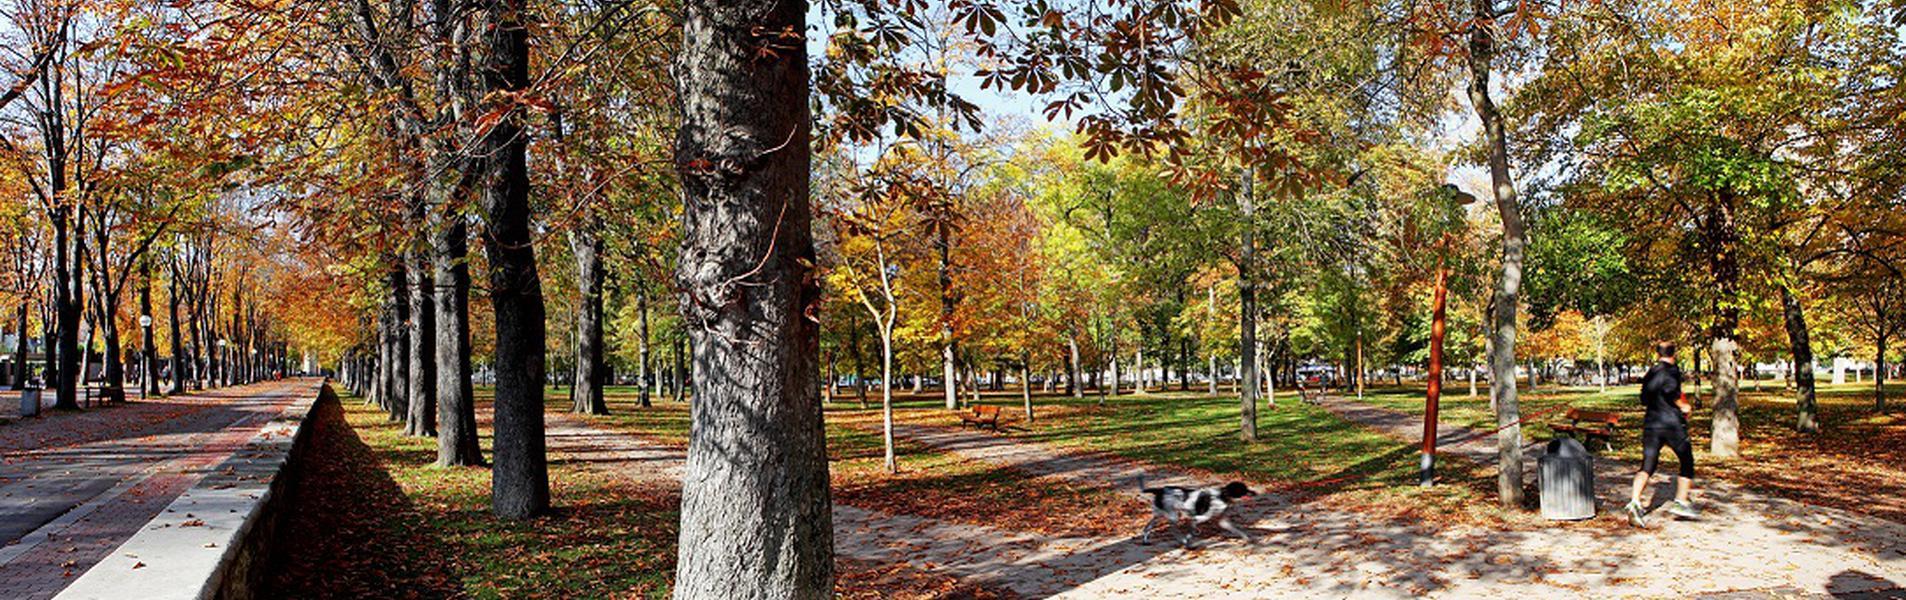 Parque Natural El Prado